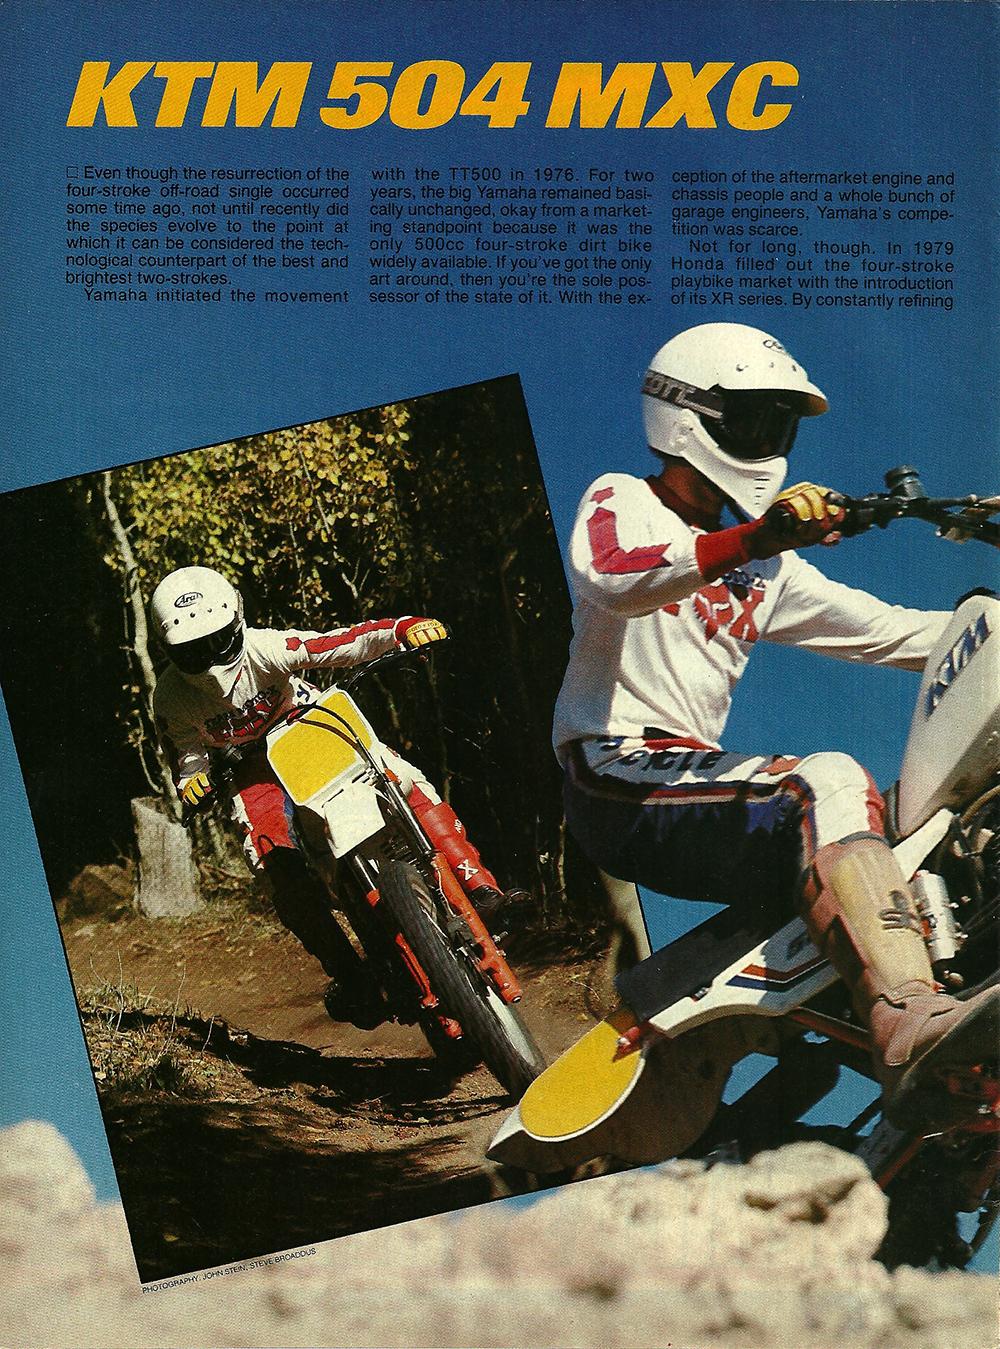 1983 KTM 504 MXC road test 1.jpg